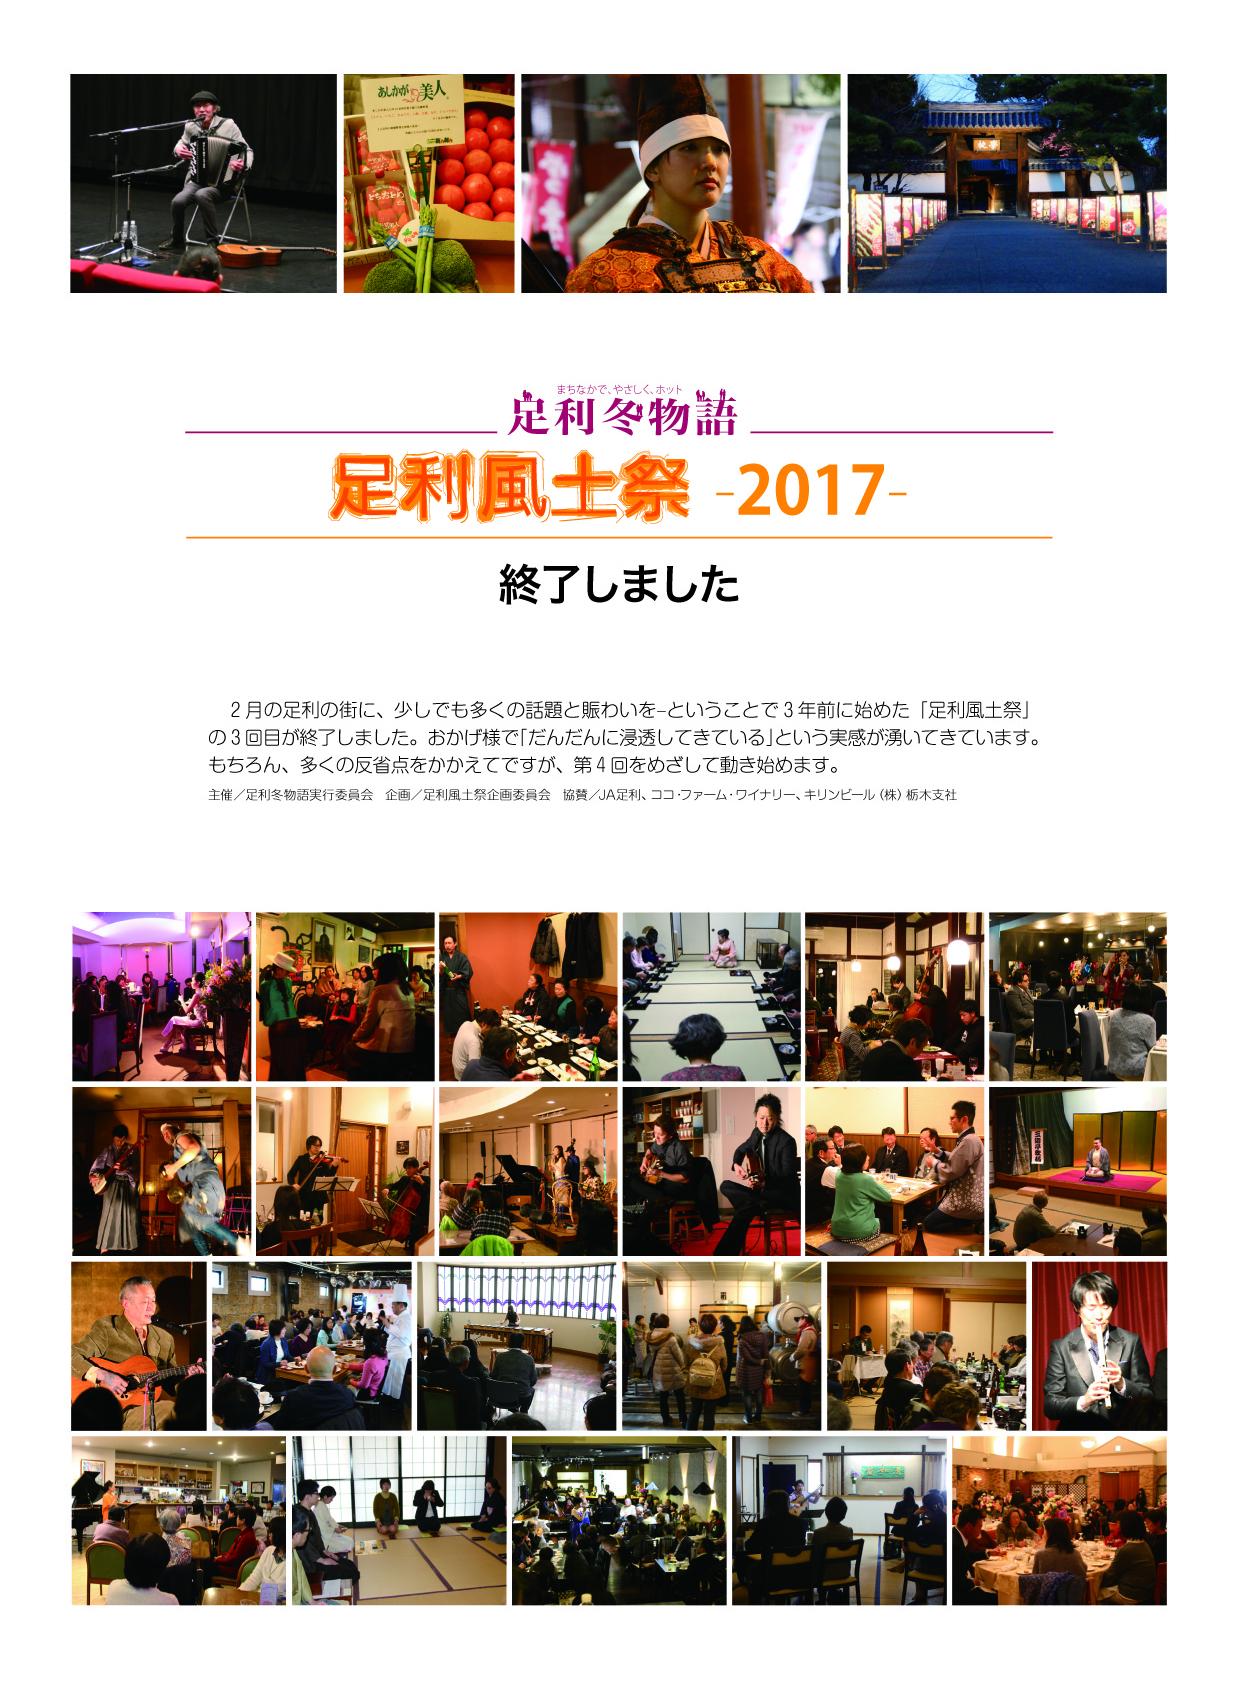 足利風土祭2017